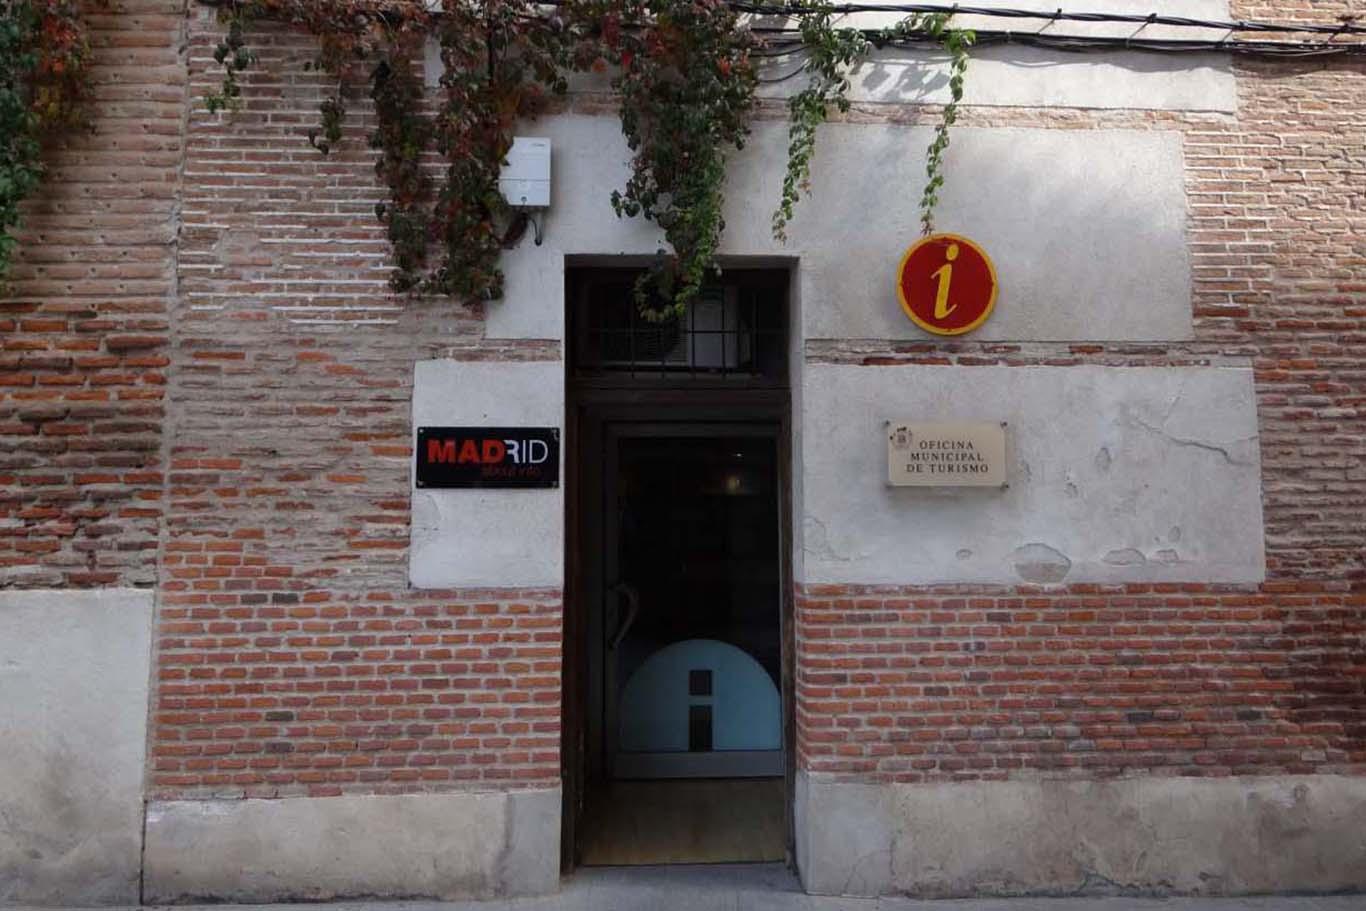 Oficina de turismo de alcal de henares dream alcal - Oficina de turismo ...